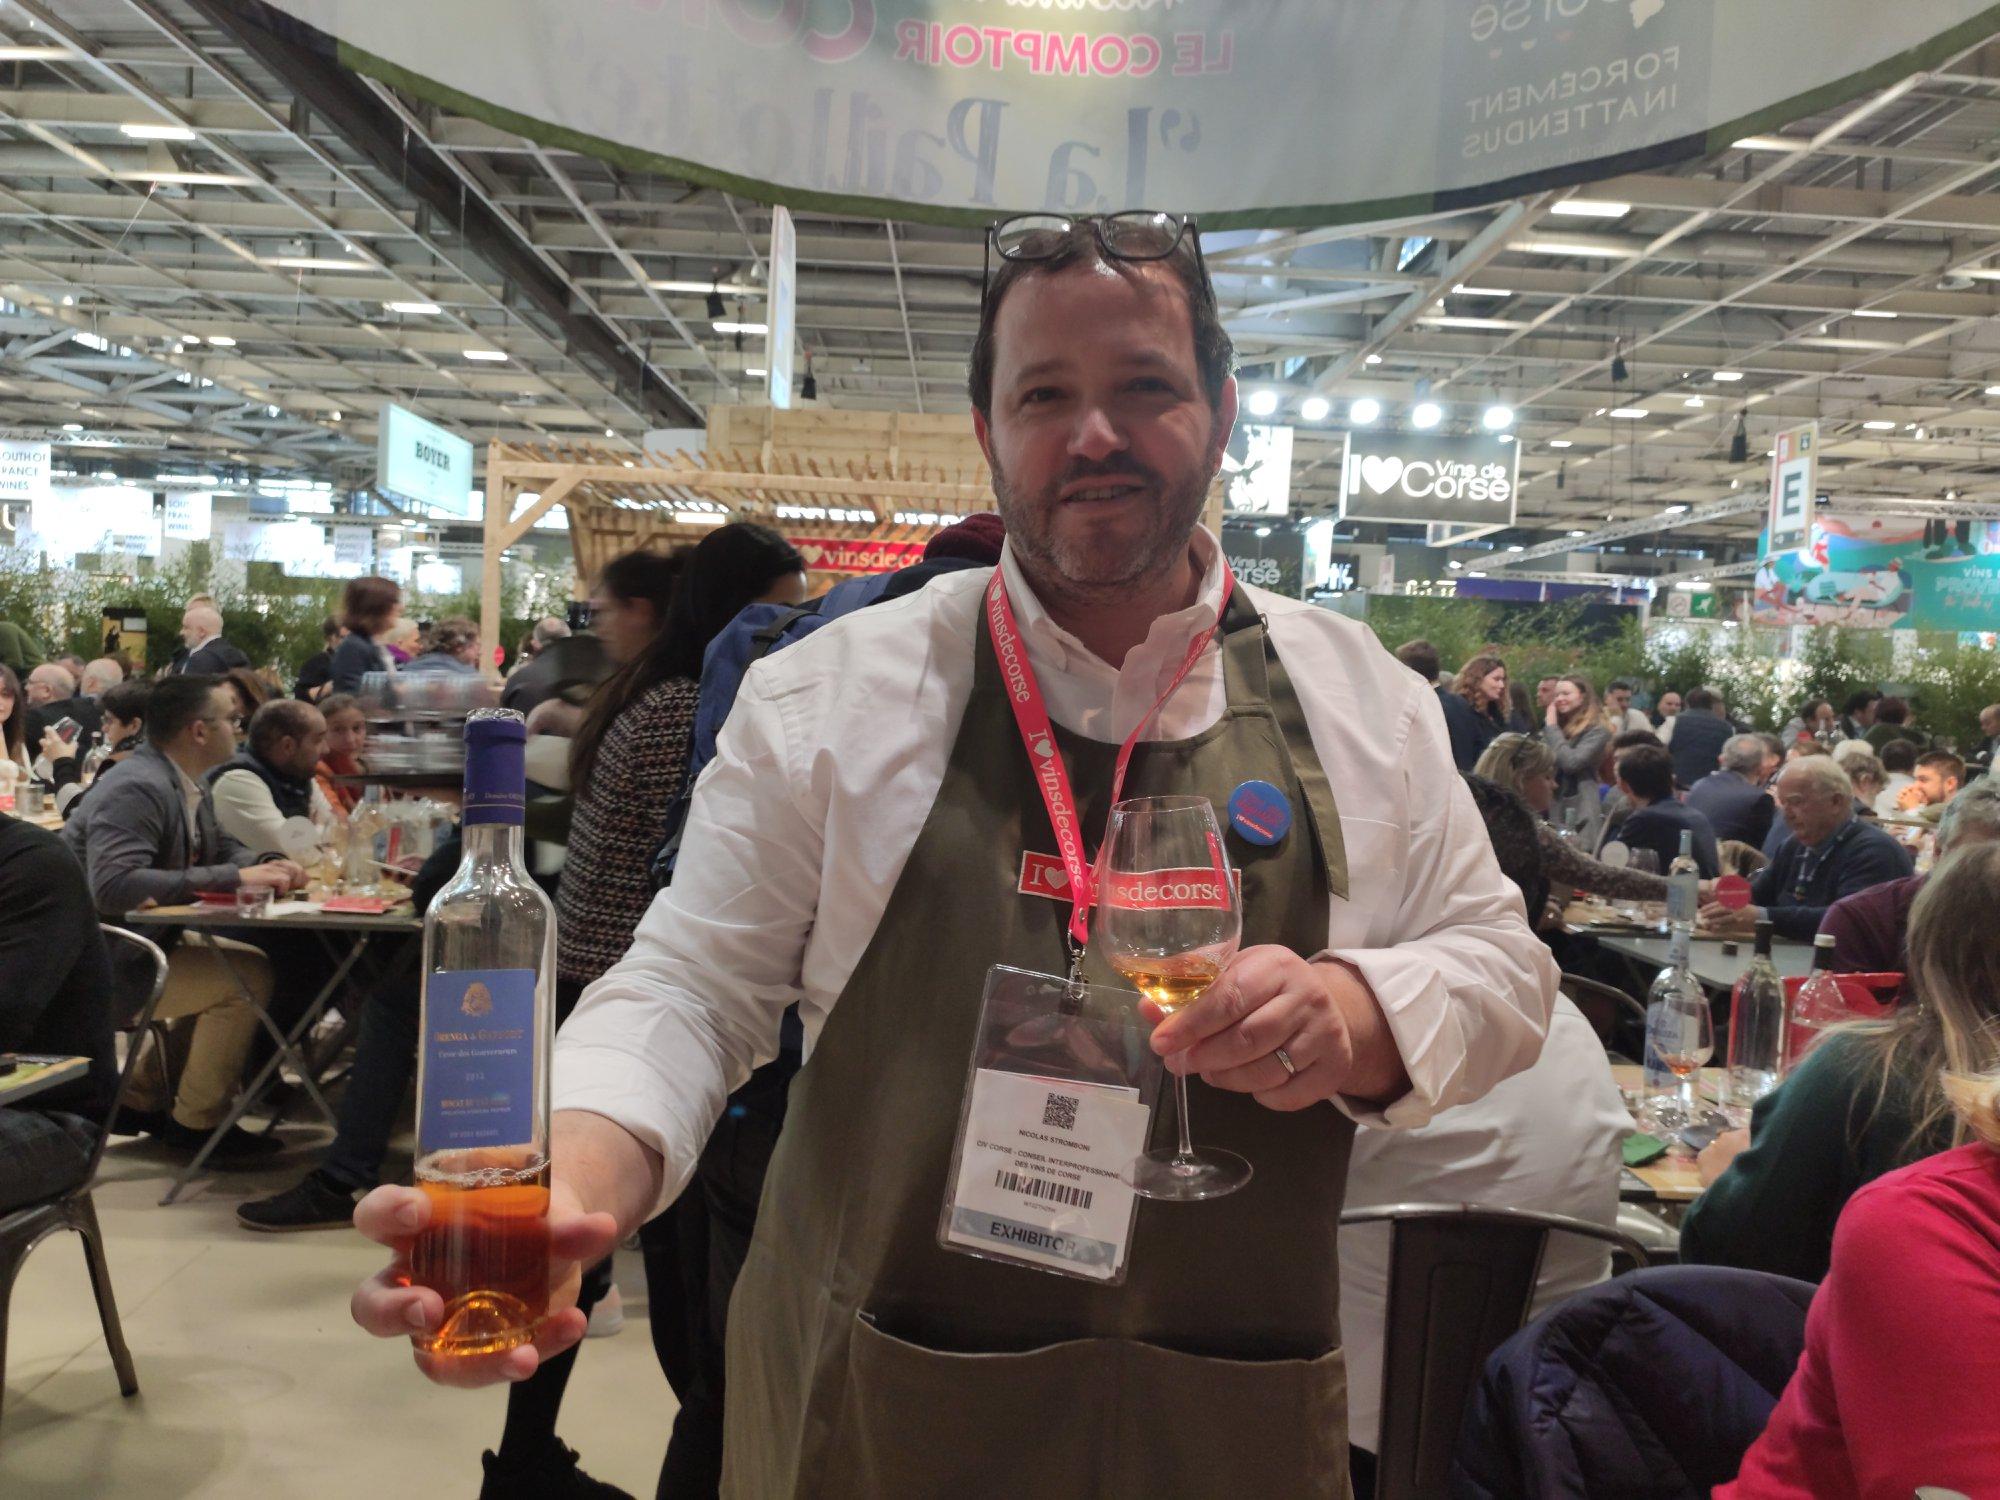 Sommelier Vins de Corse